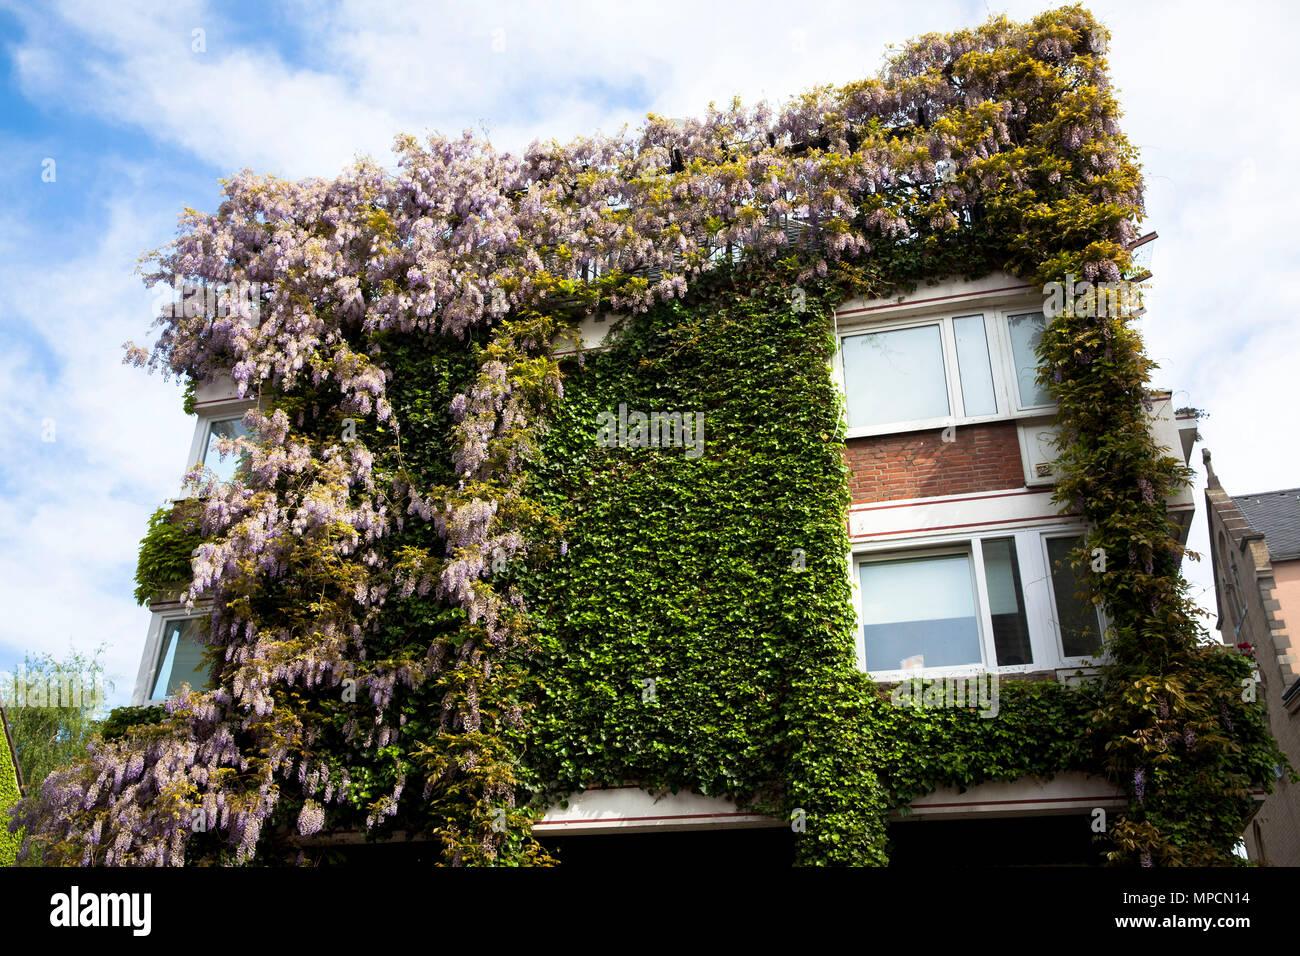 Favorit Deutschland, Köln, mit Pflanzen bedeckt Haus in der Straße grosse LJ45